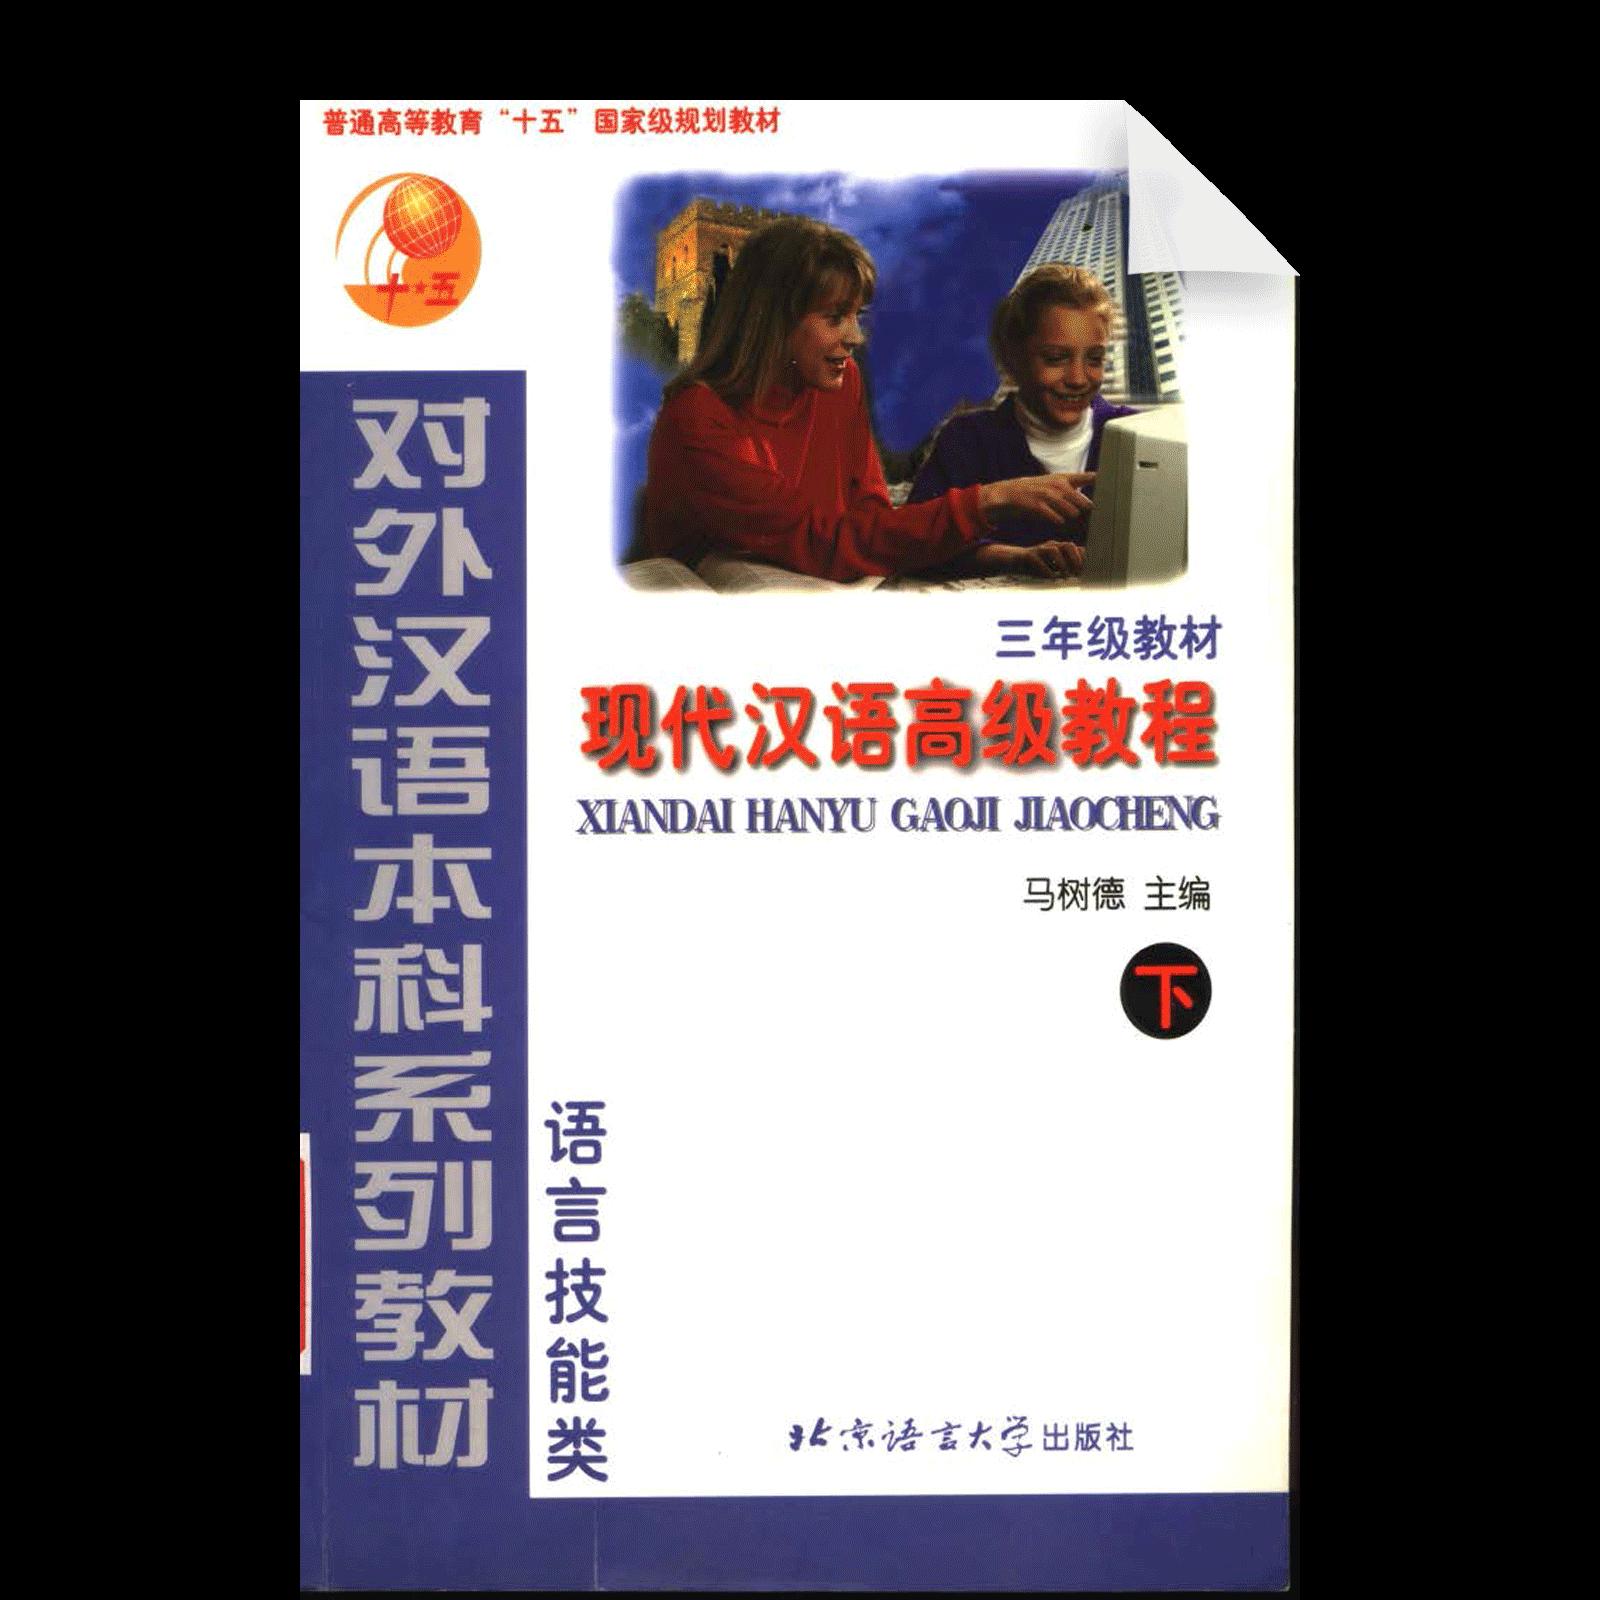 3Nianji Jiaocai Xiandai Hanyu Gaoji Jiaocheng Xia